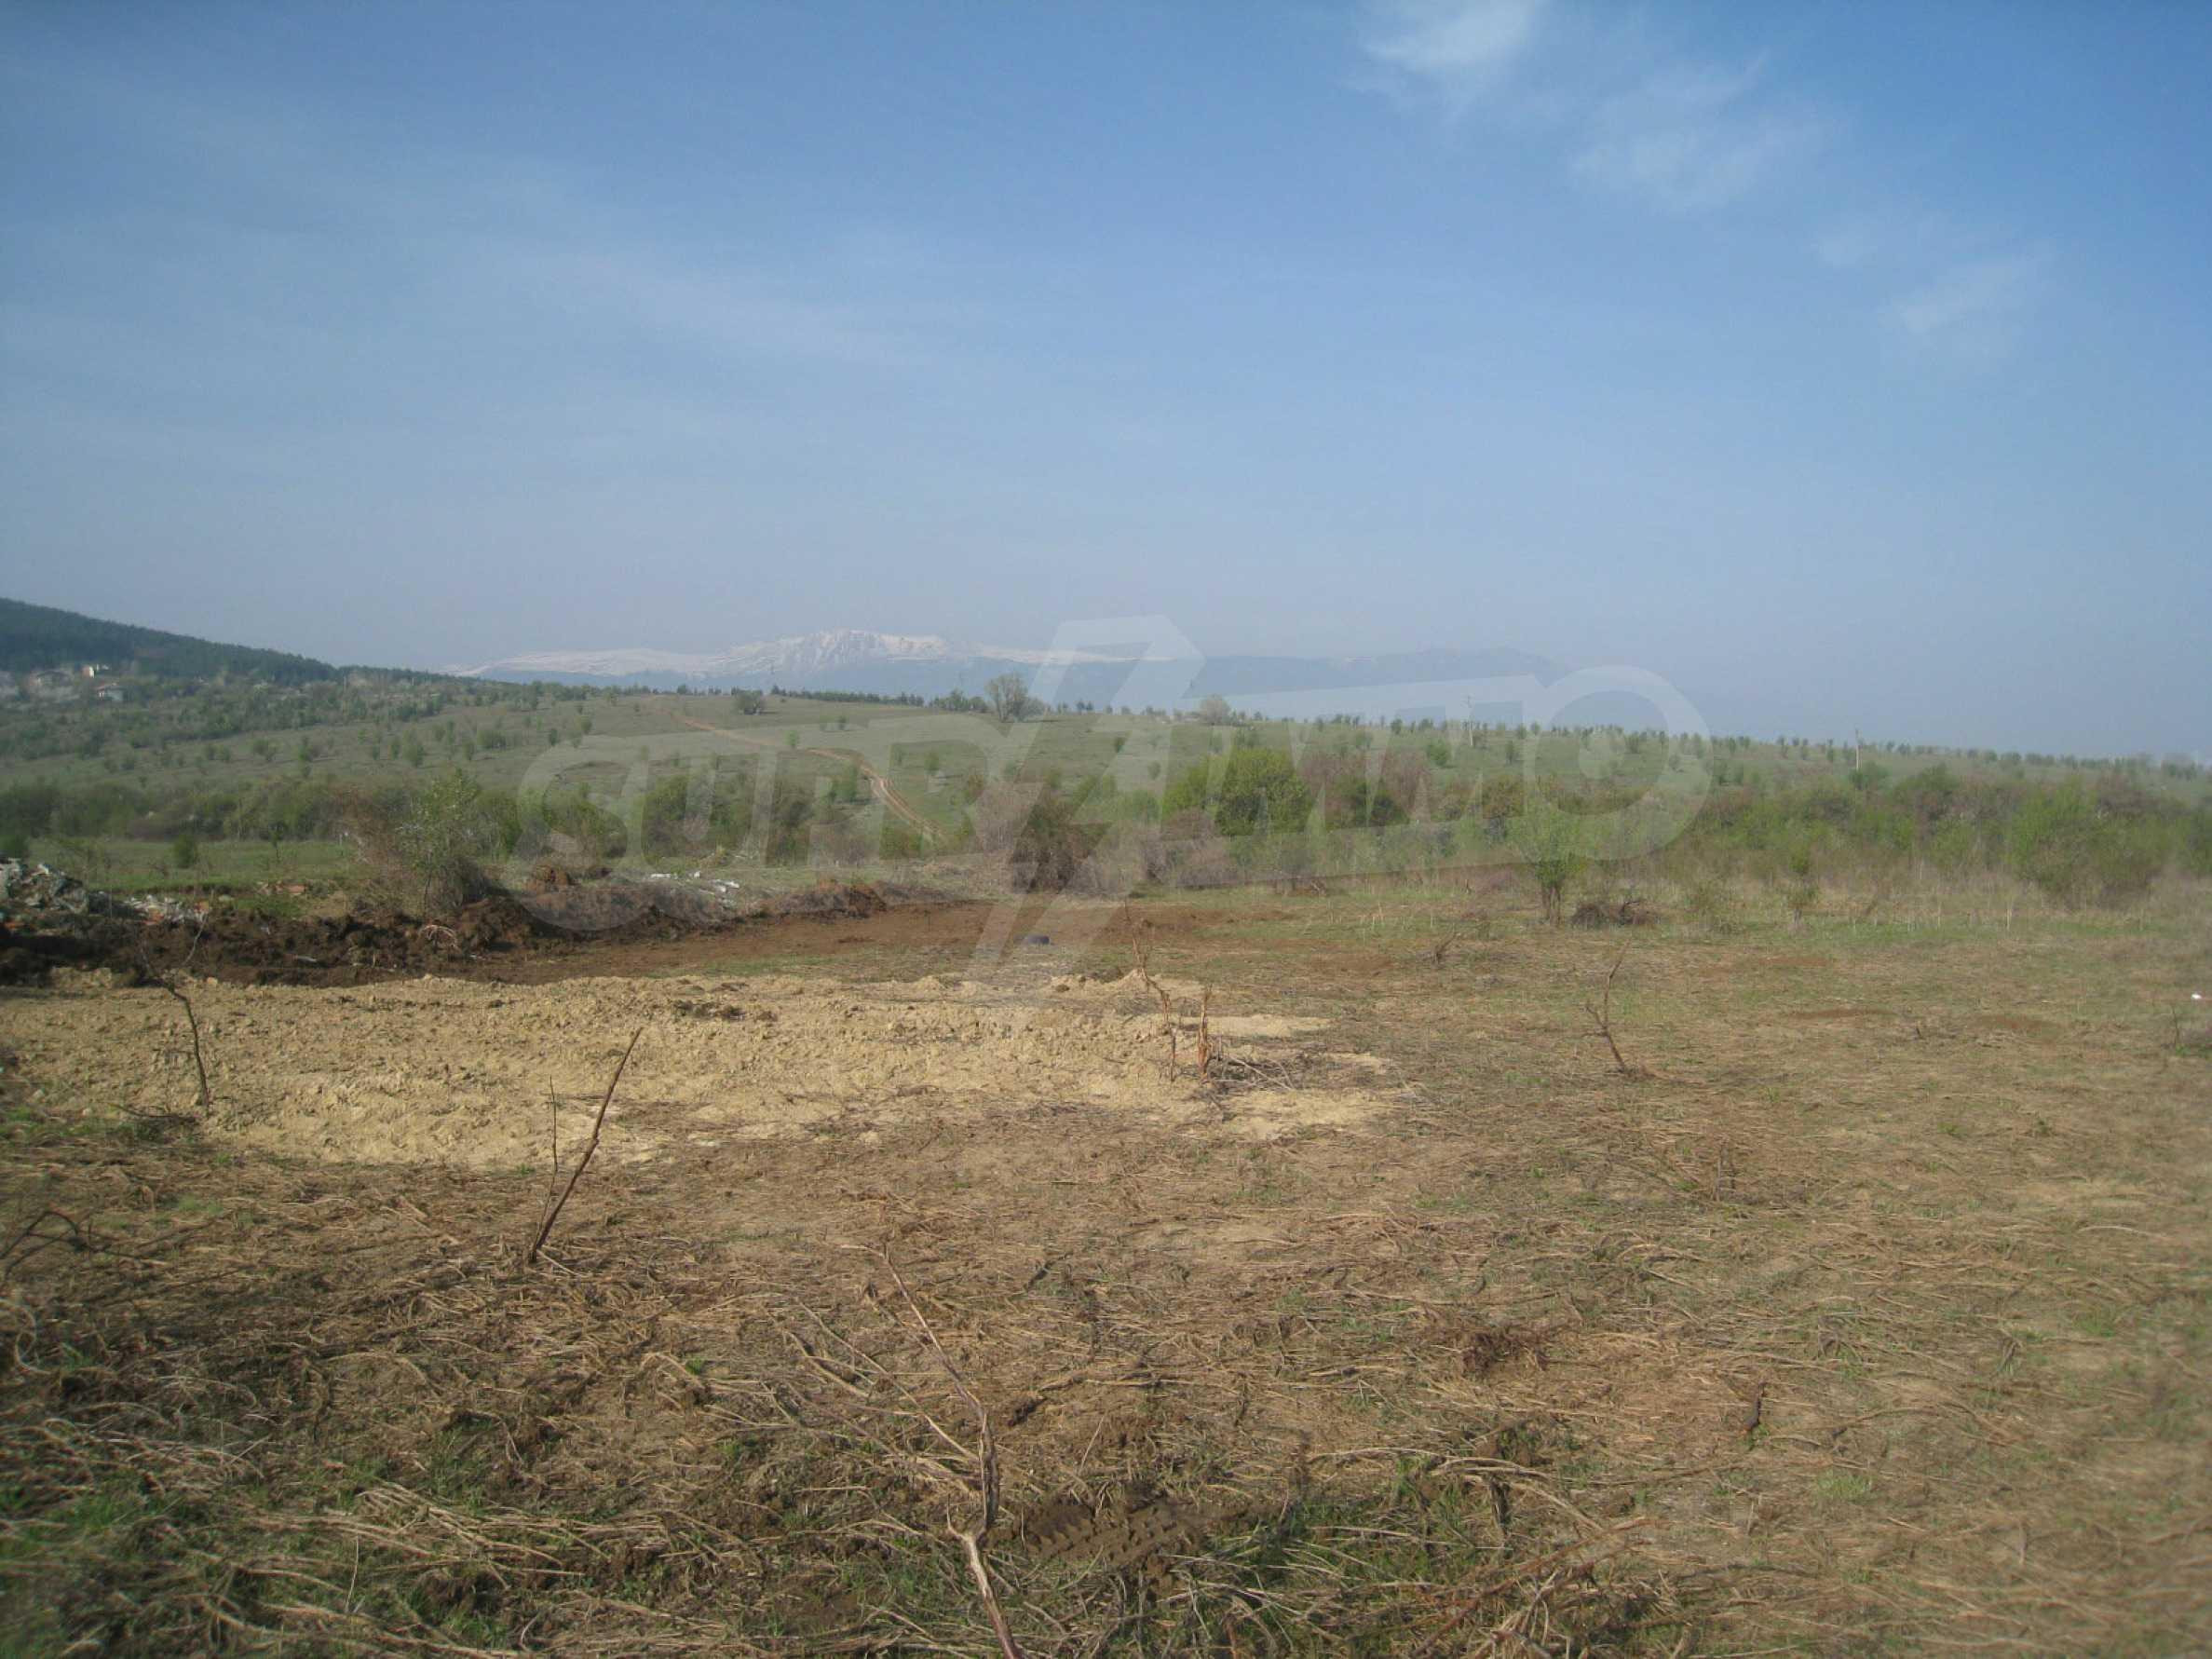 Investitionsgrundstück 2 km von der Sofia-Ringstraße entfernt